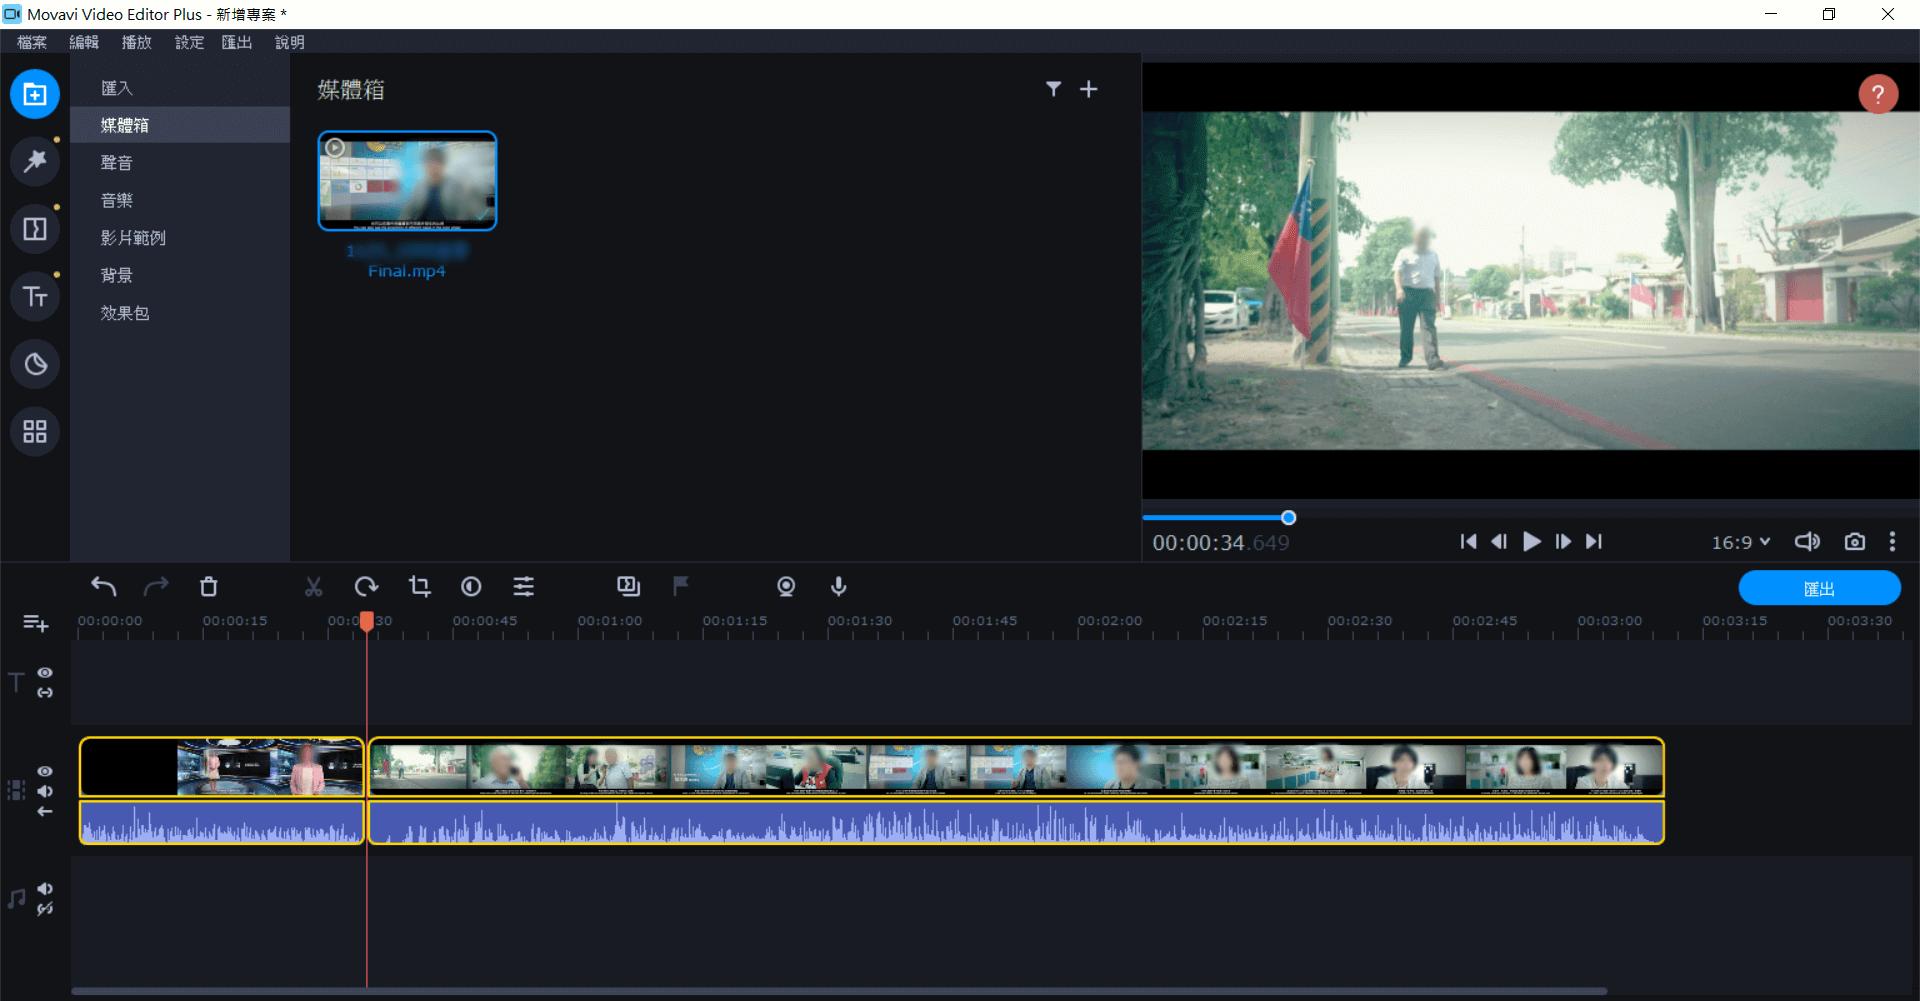 Movavi Video Edtior Plus:直覺又不缺專業功能的影片編輯軟體